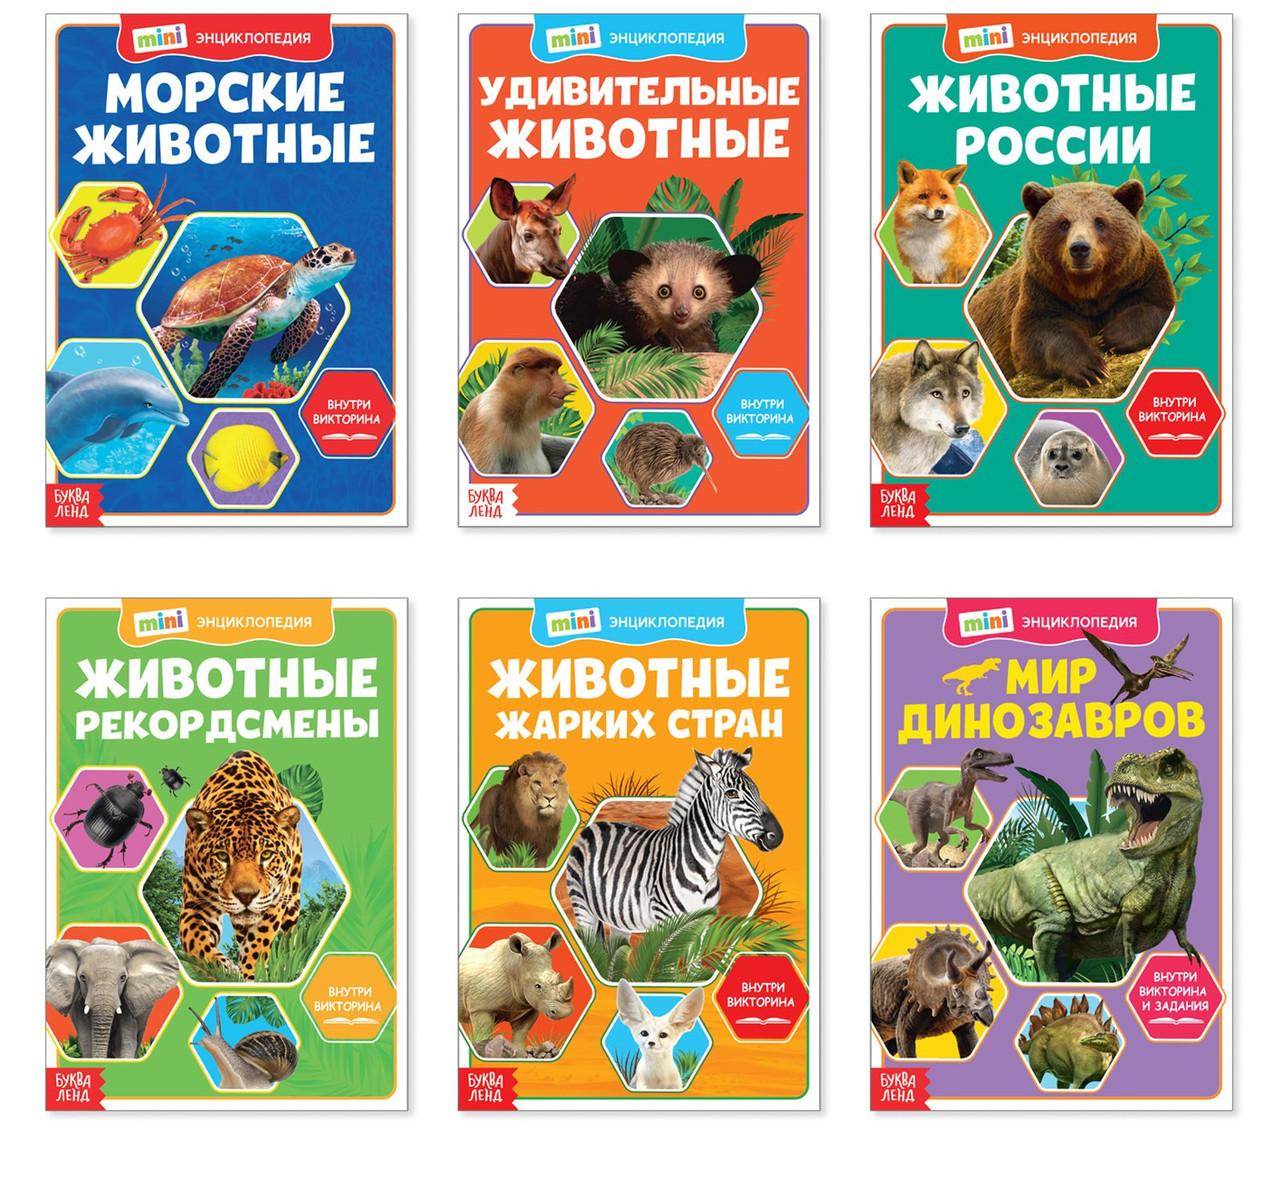 Мини-энциклопедии набор «Мир животных», 6 шт. по 20 стр.